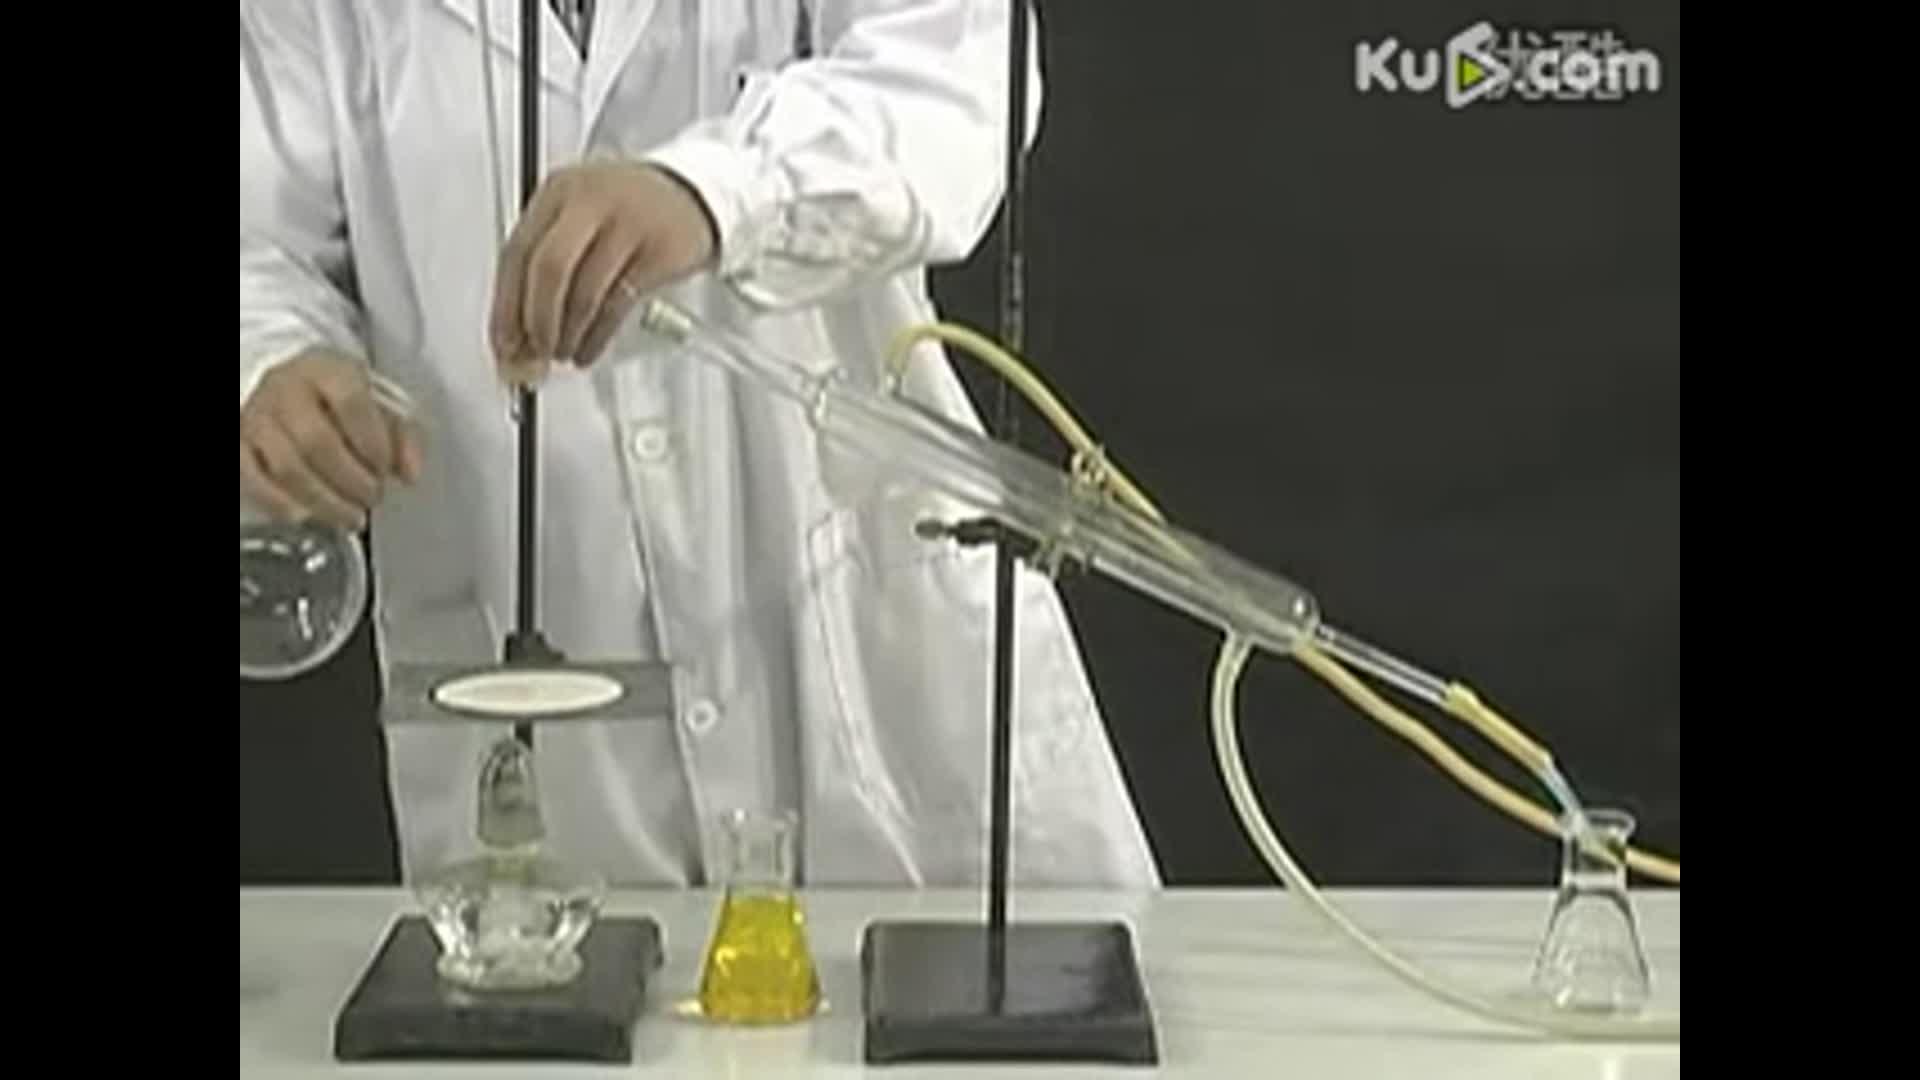 高二 生物 选修1 专题6 植物有效成分的提取 课题2 胡萝卜素的提取